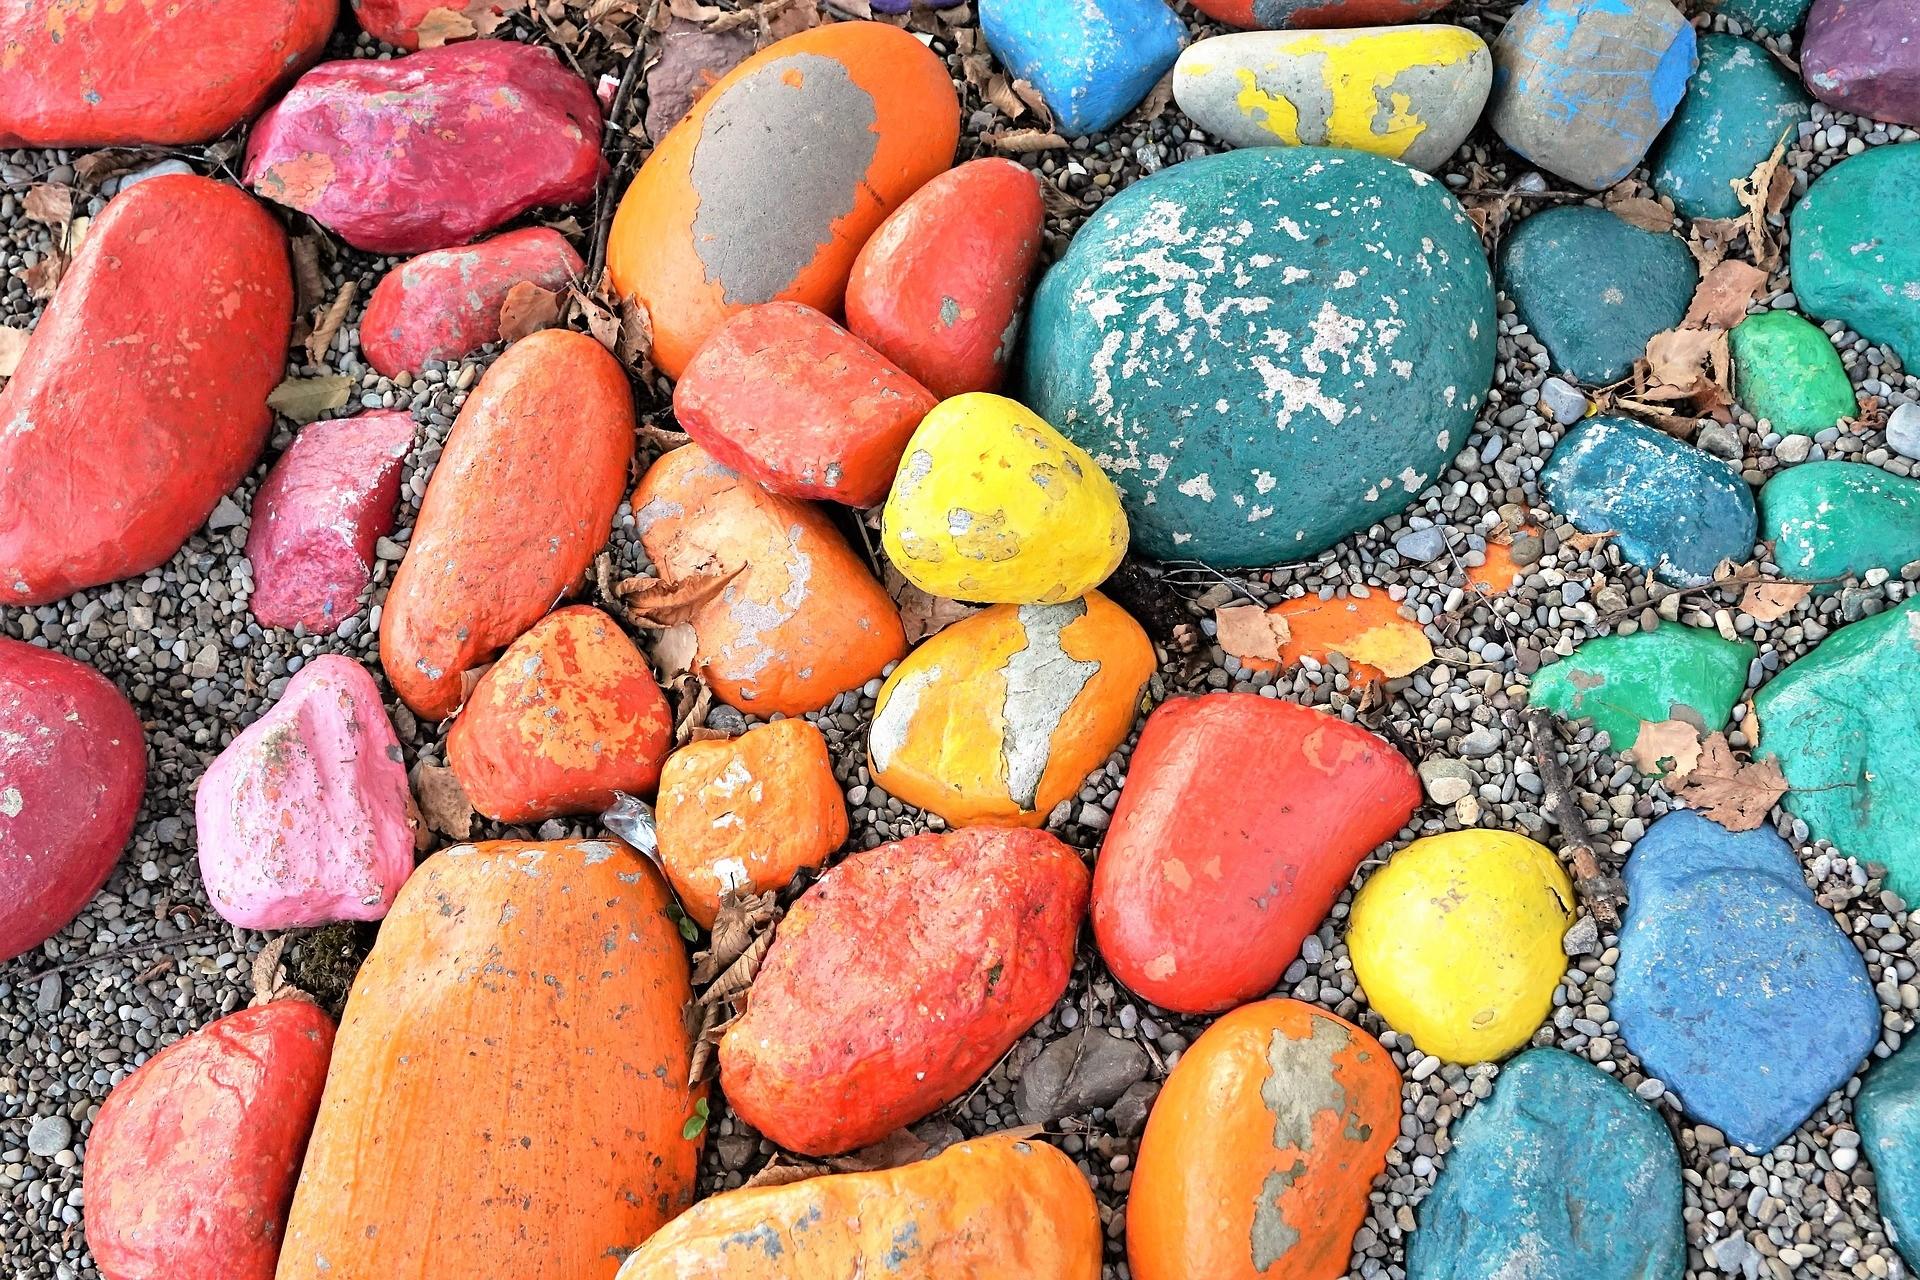 Du hast überall Steine deiner Kinder und weißt nicht wohin? Ich zeige dir 5 einfache Ideen, was du mit Steinen basteln kannst.